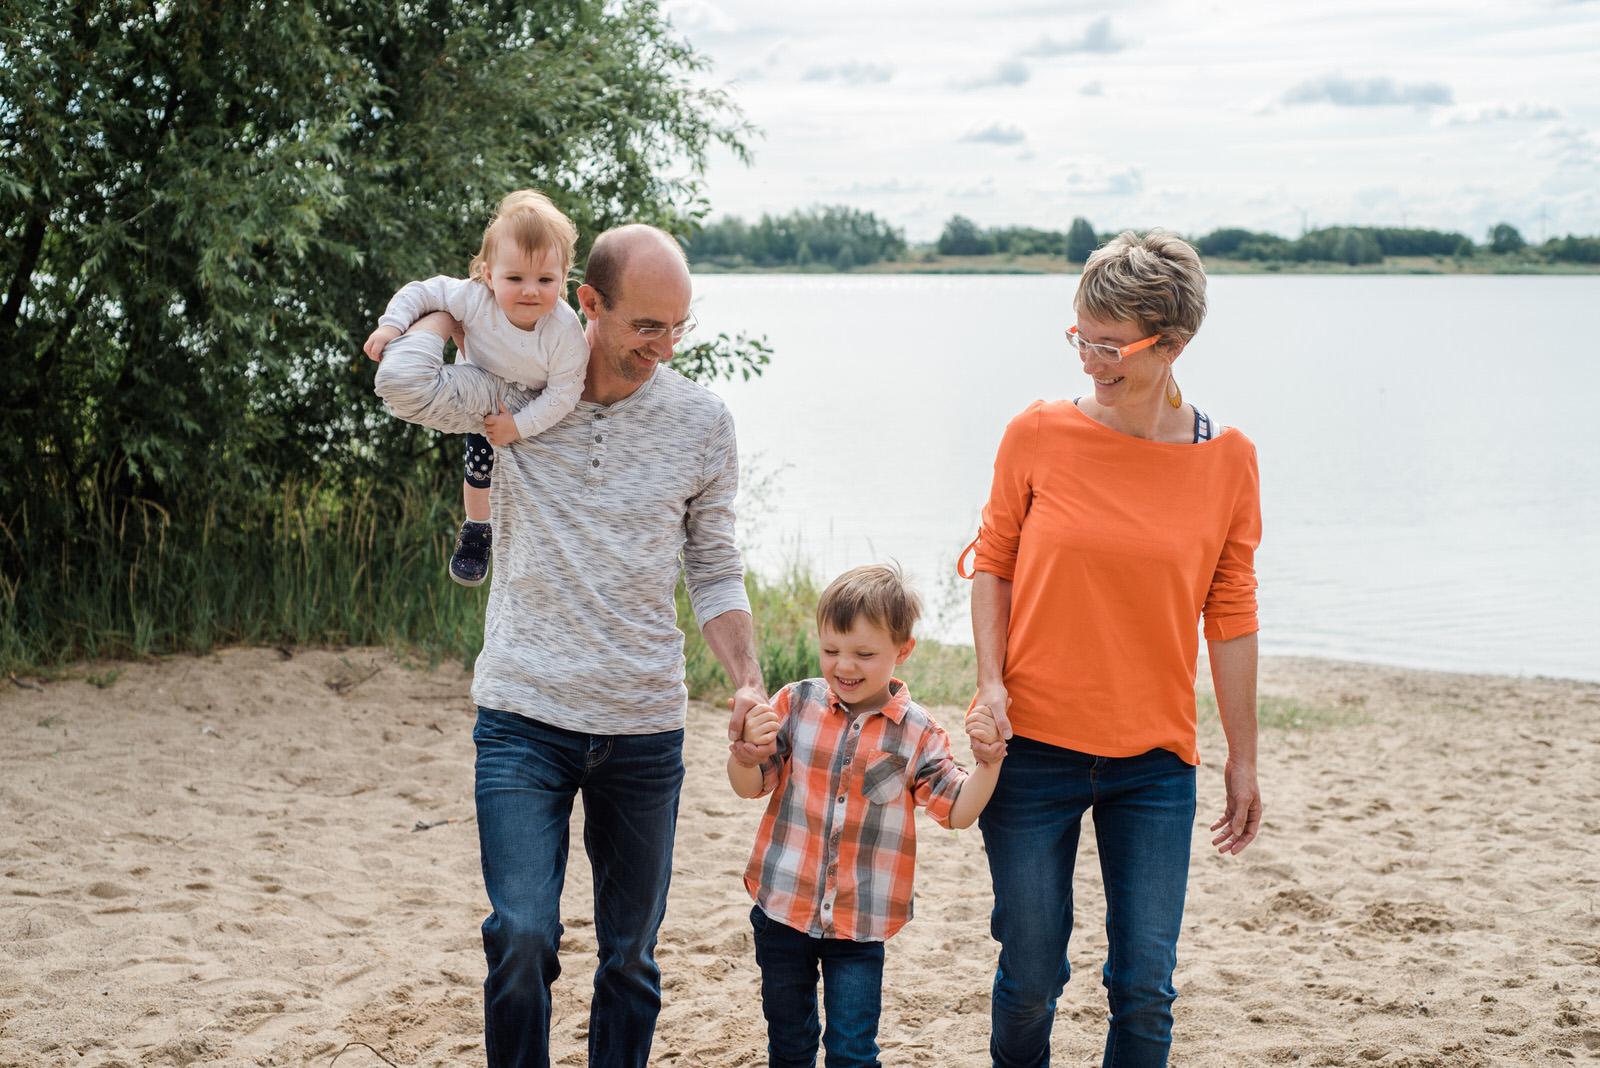 Familienfotoshooting bei Leipzig am Schladitzer See, Familienfotografie in Leipzig, Markkleeberg und Halle, Familienfotos